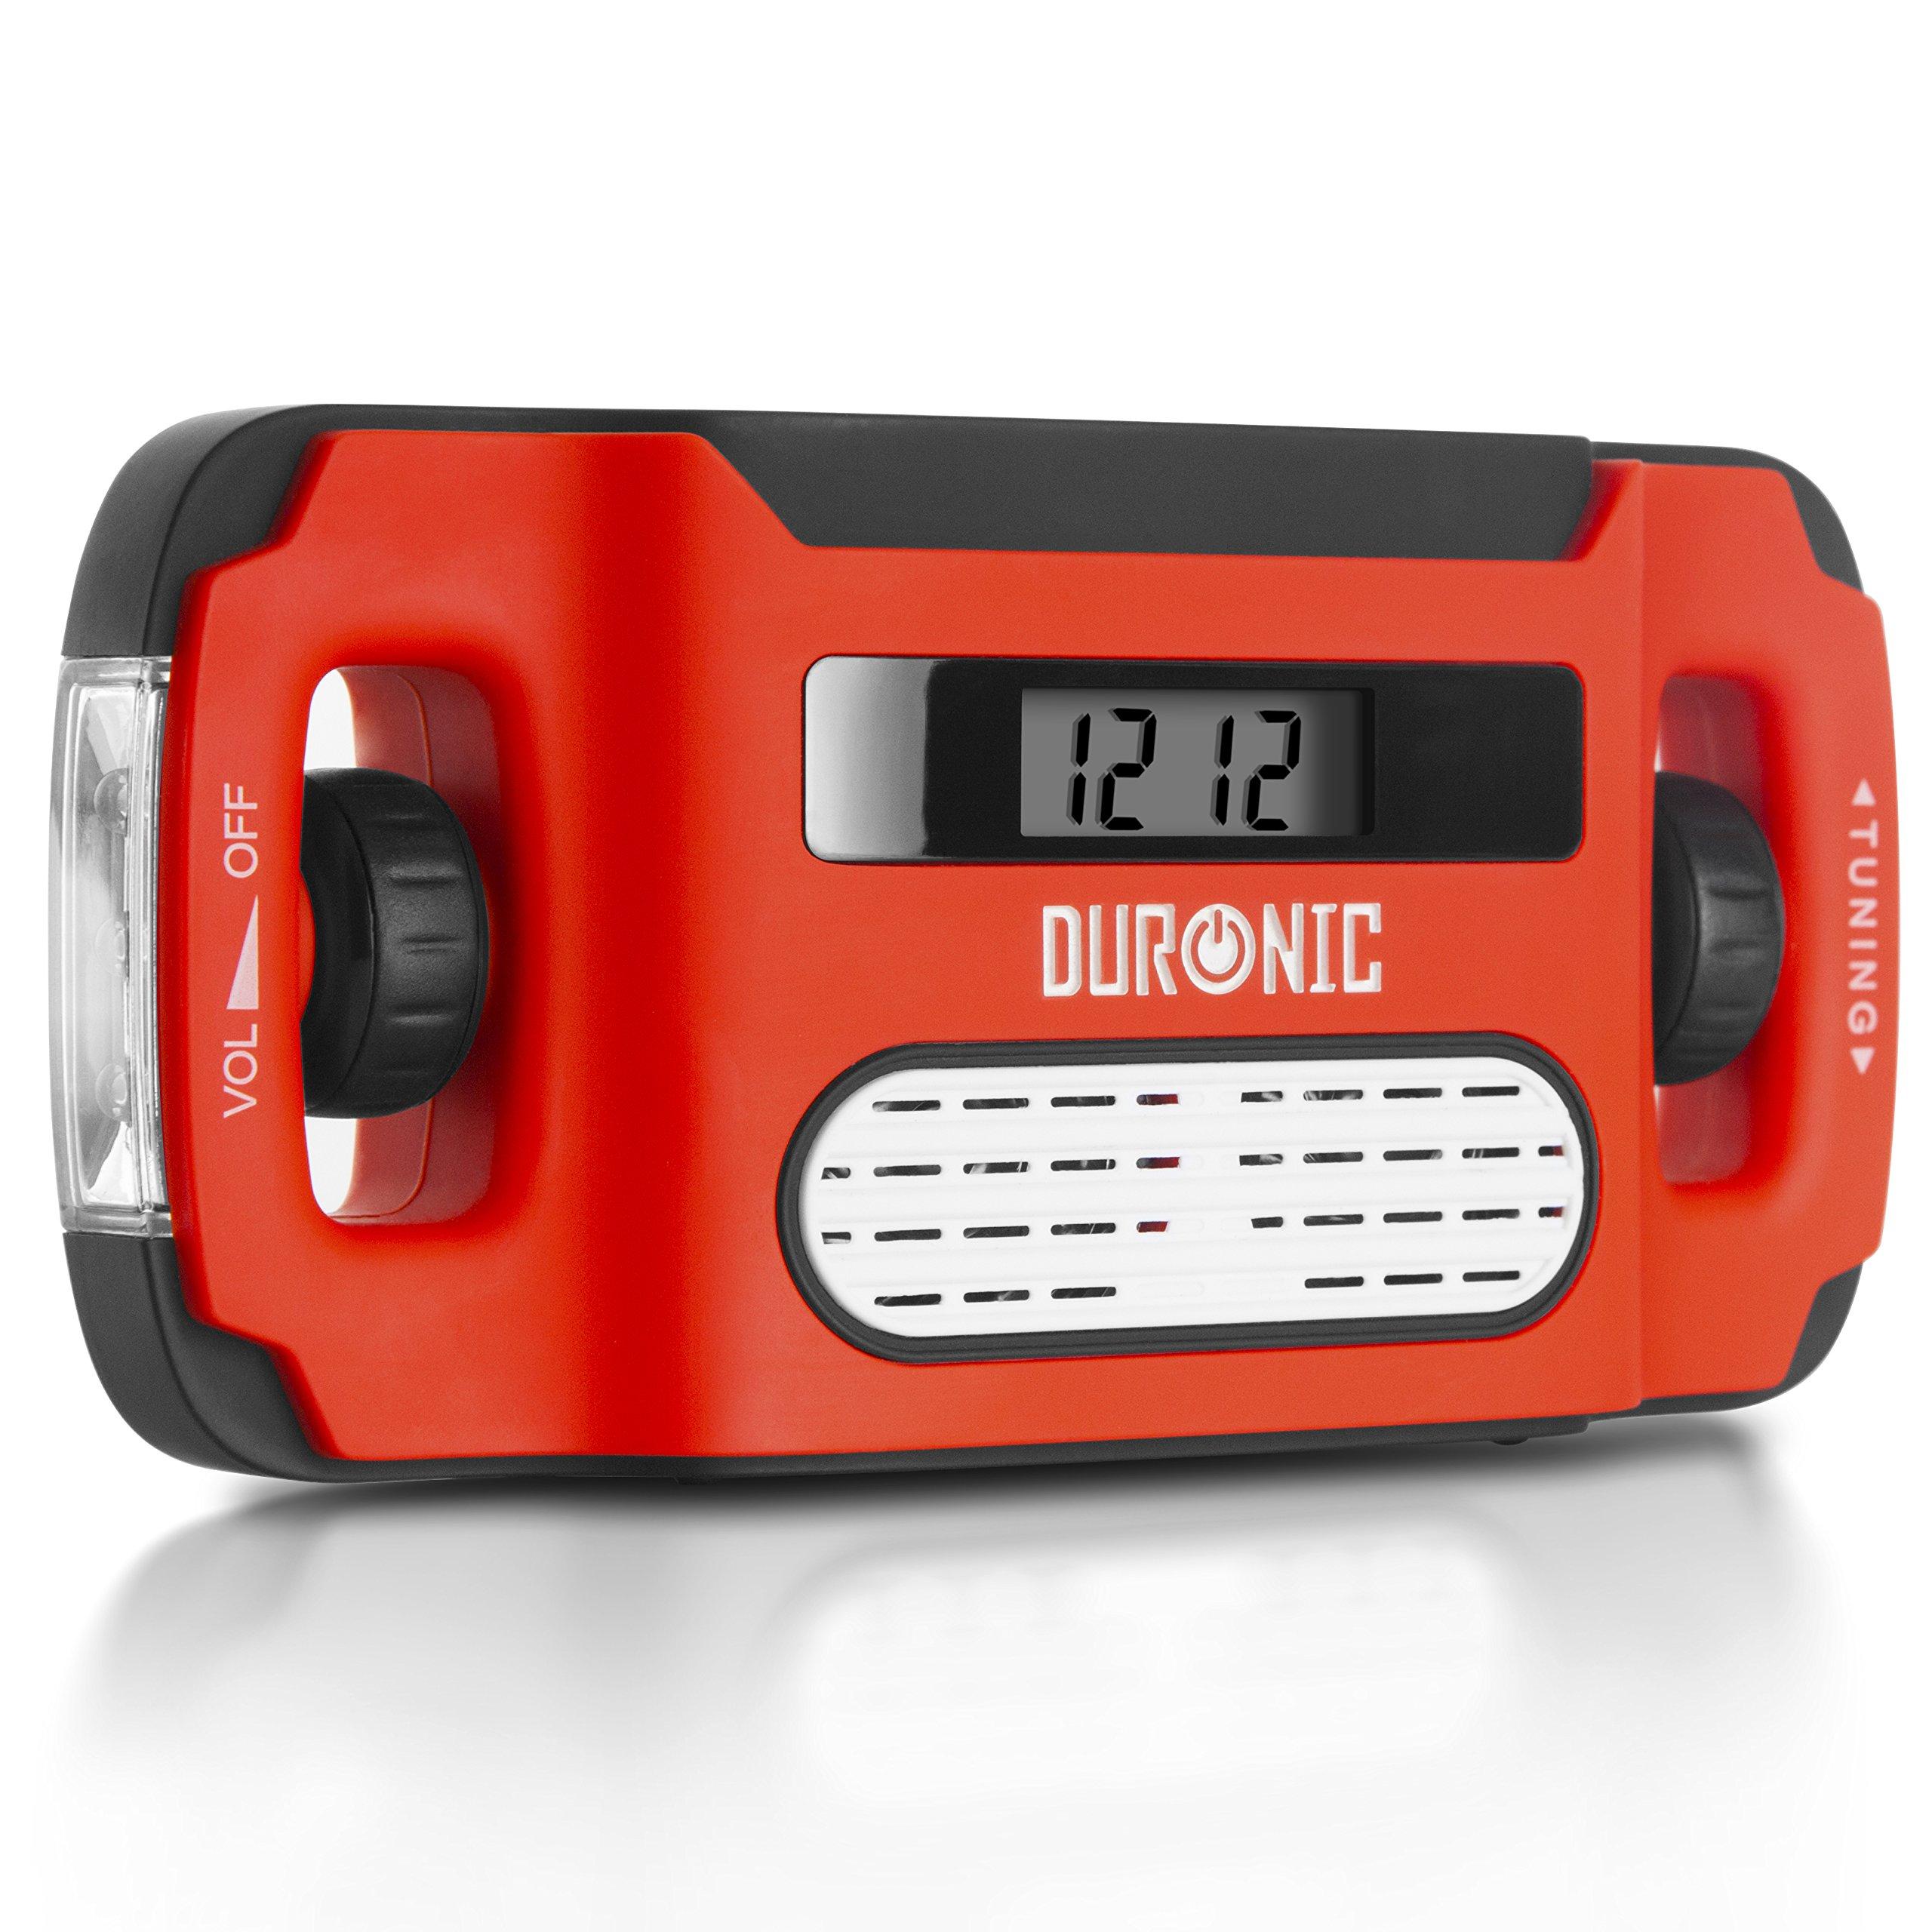 Duronic Apex Radio AM/FM, wiederaufladbar – Solarradio – Kurbelradio – Solarenergie, Handkurbel und USB-Ladegerät – mit Radiowecker und Taschenlampe product image